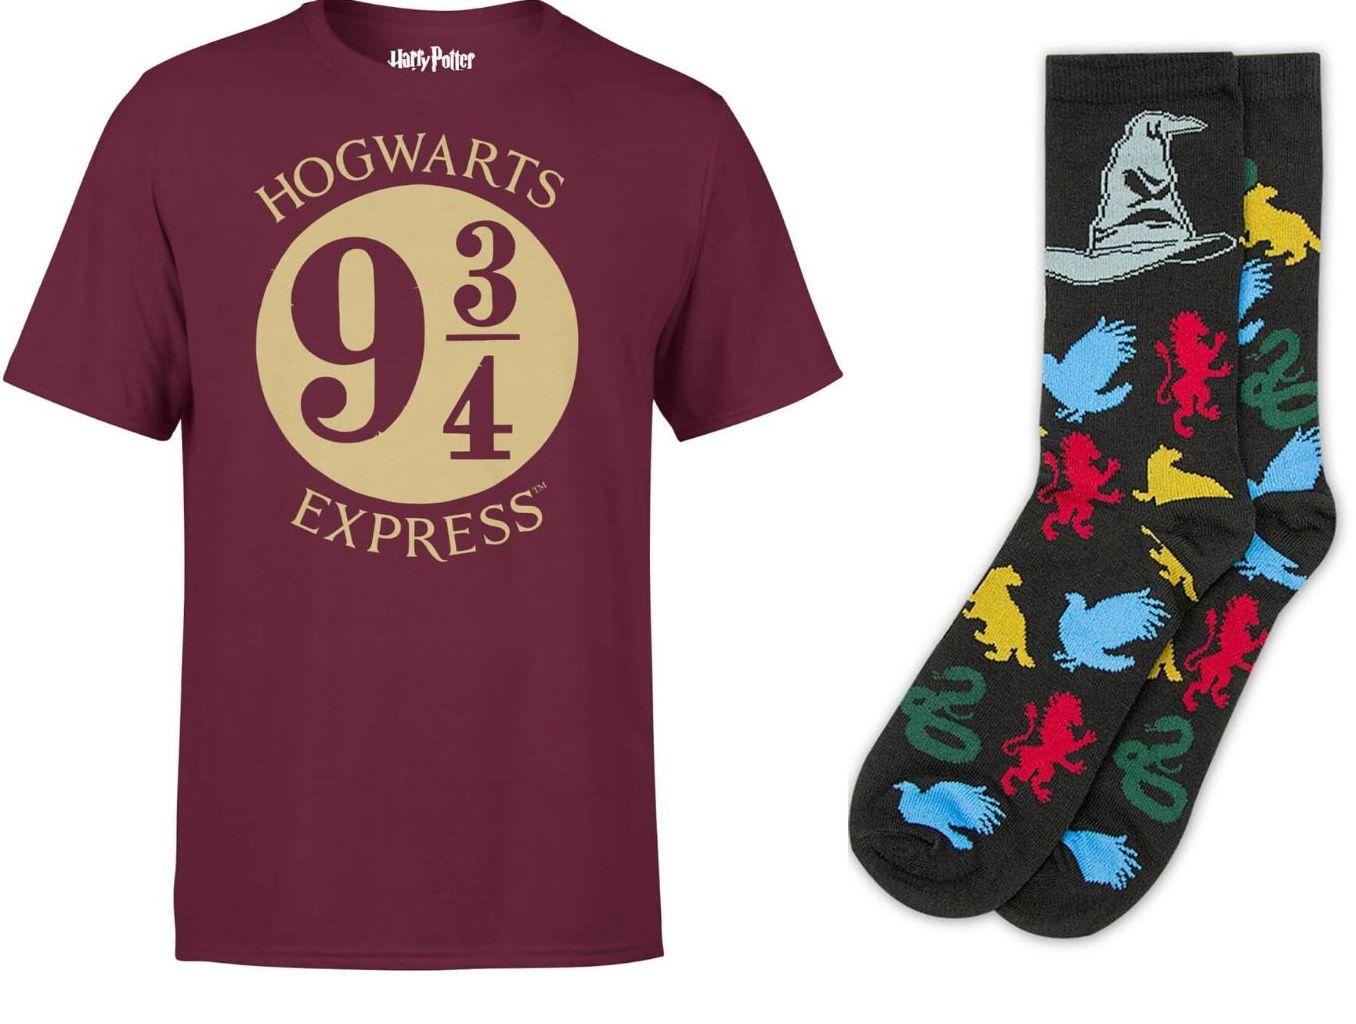 2 Paar Harry Potter Socken gratis beim Kaufen eines T-Shirts (Damen / Herren / Kinder)